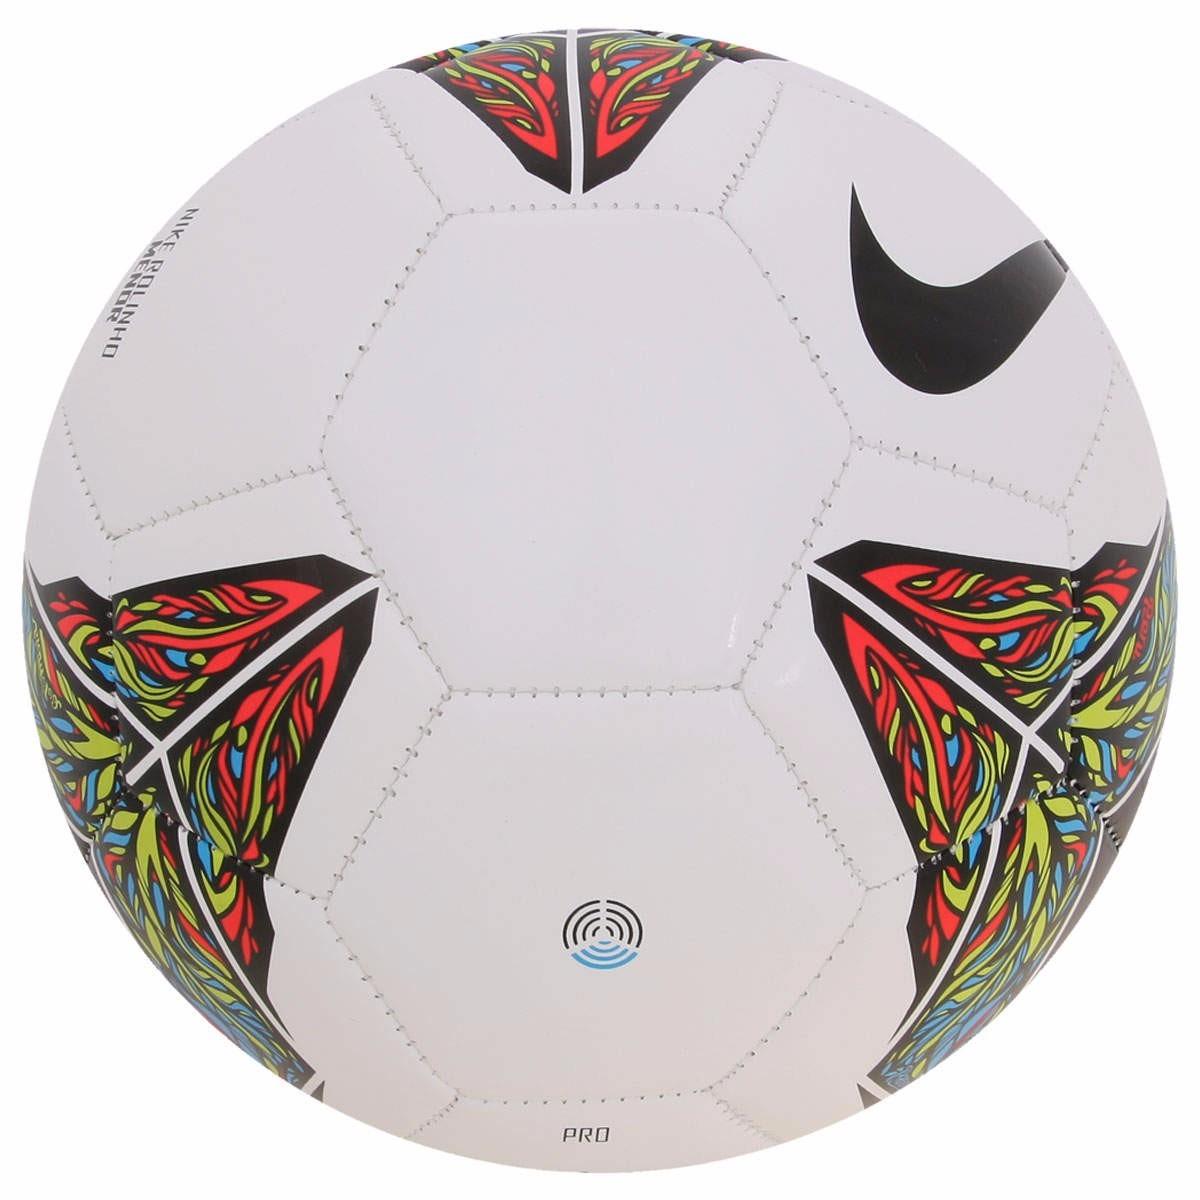 Carregando zoom... bola de futsal nike rolinho menor csf pro original  1magnus 42daf4b848755